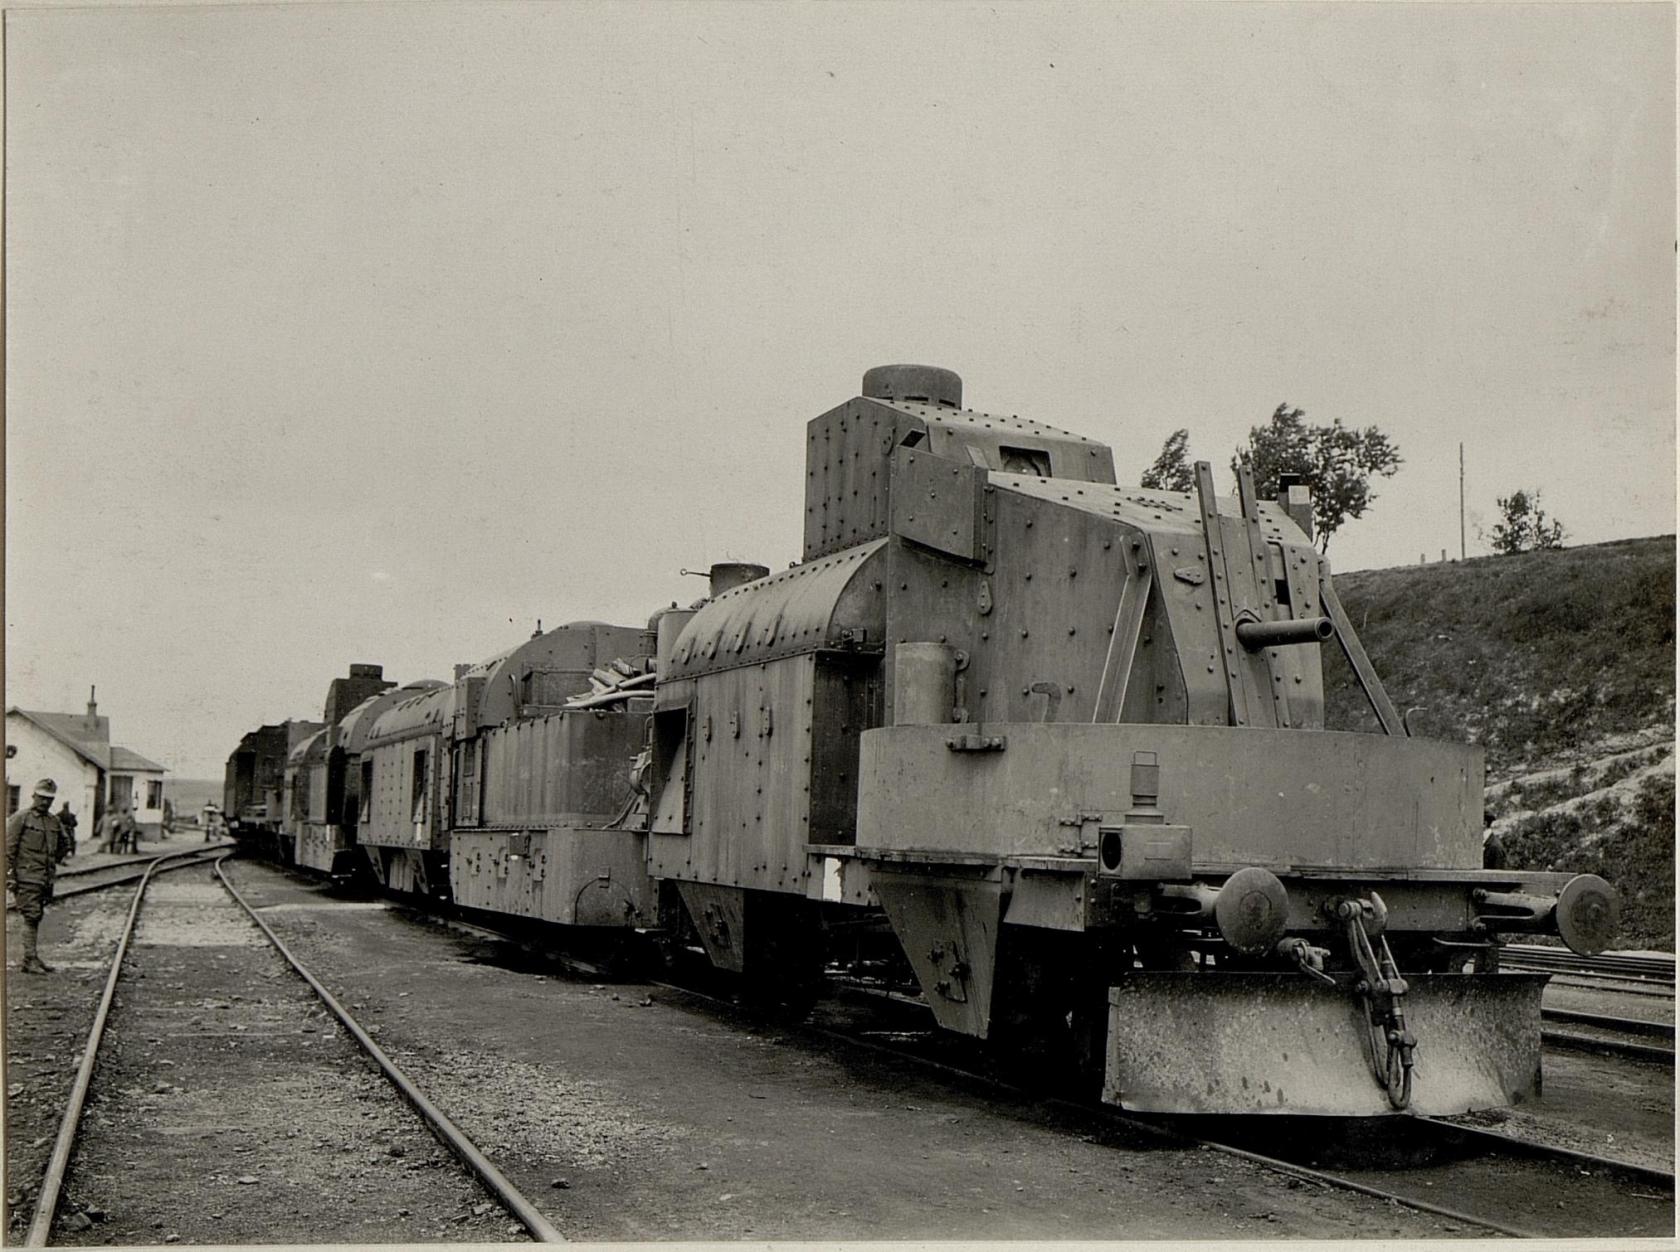 Ein mit Schnellfeuergeschьtzen und Maschinengewehren audgerьsteter Panzerzug der k.u.k.Staatsbahnen bei Zborow